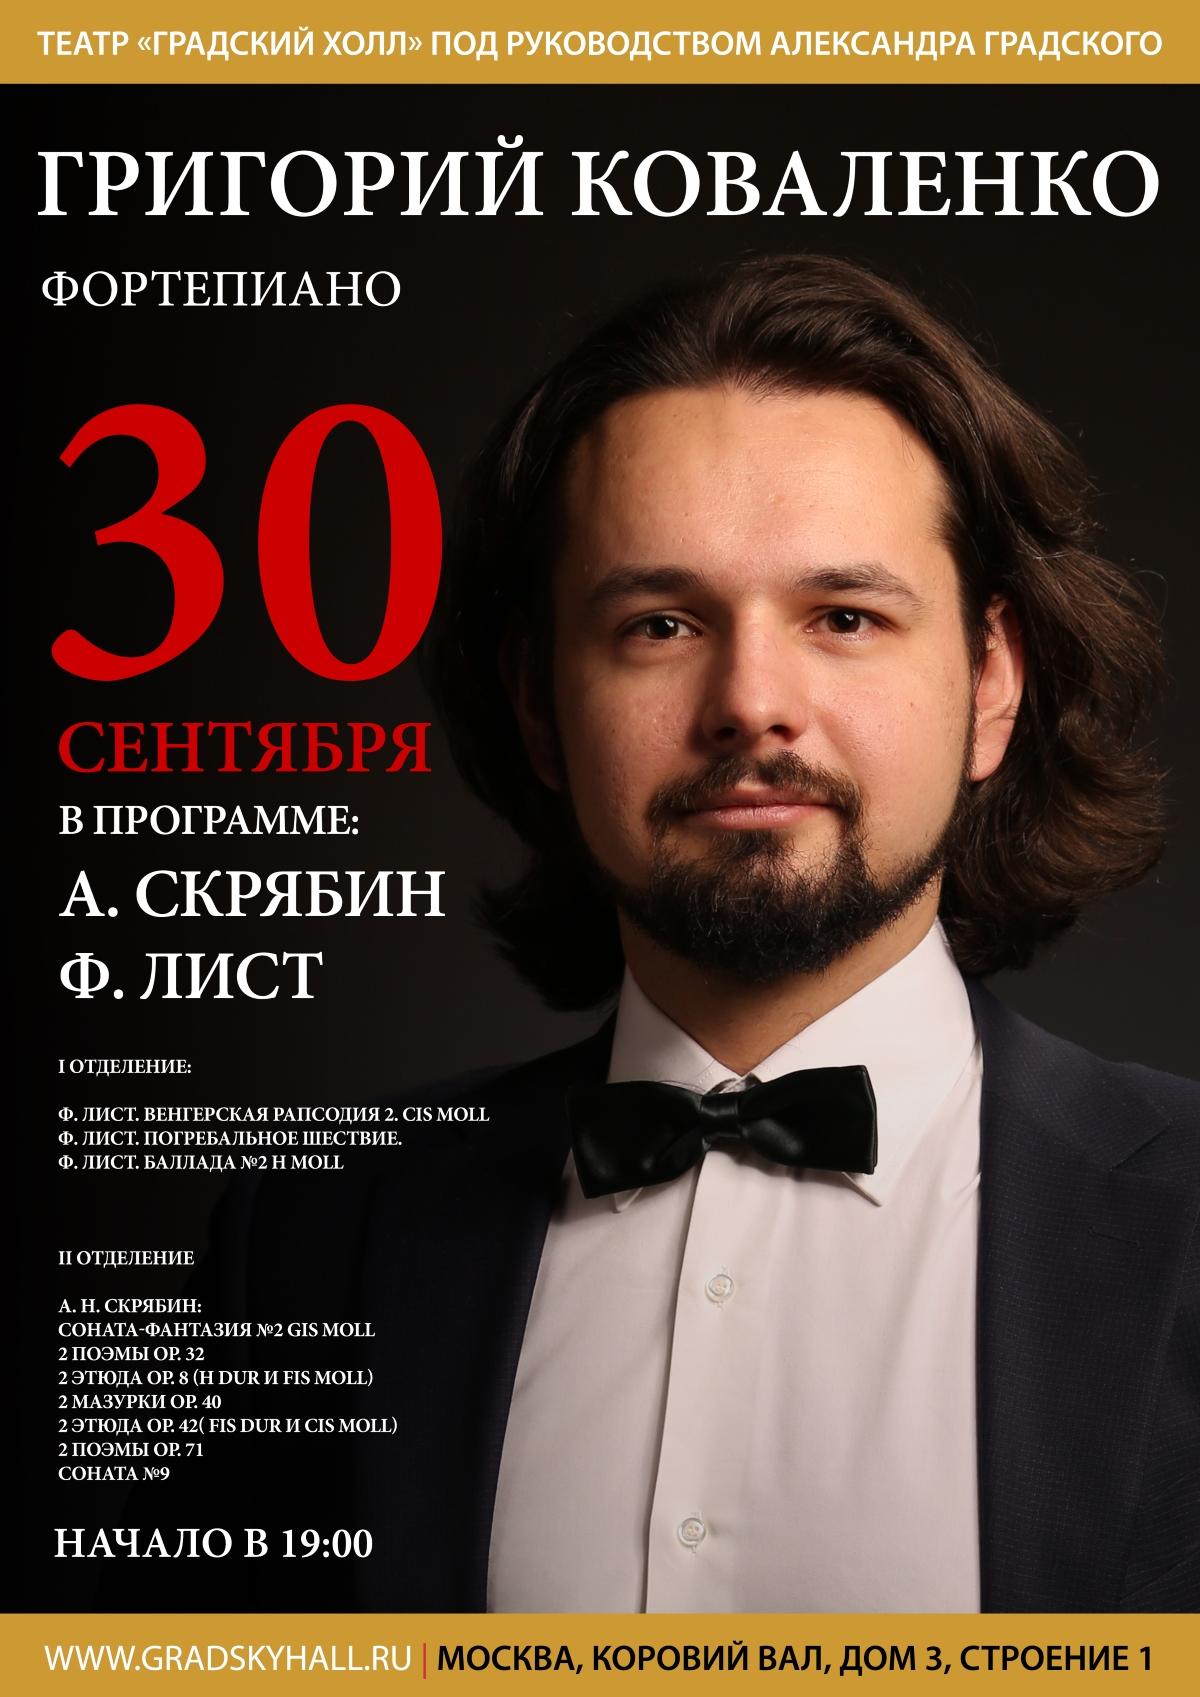 Григорий КОВАЛЕНКО(фортепиано). Ф. Лист, А. Н. Скрябин.